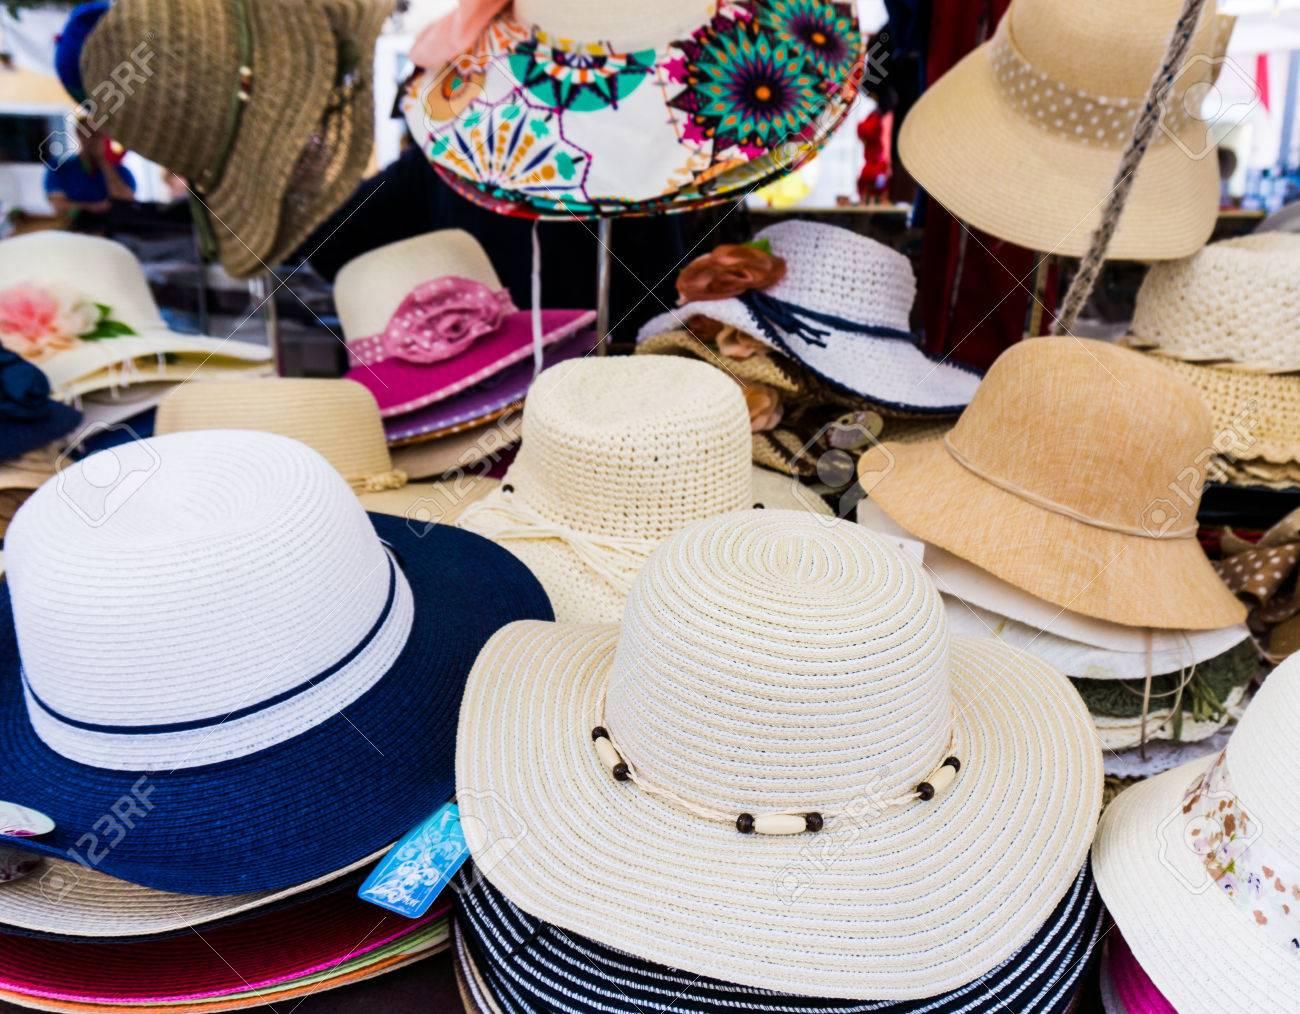 Foto de archivo - Hecho a mano Sombreros de Panamá para la venta. Los  sombreros de Panamá para la venta en un puesto del mercado. estancar  sombreros de paja f2a74ff8202